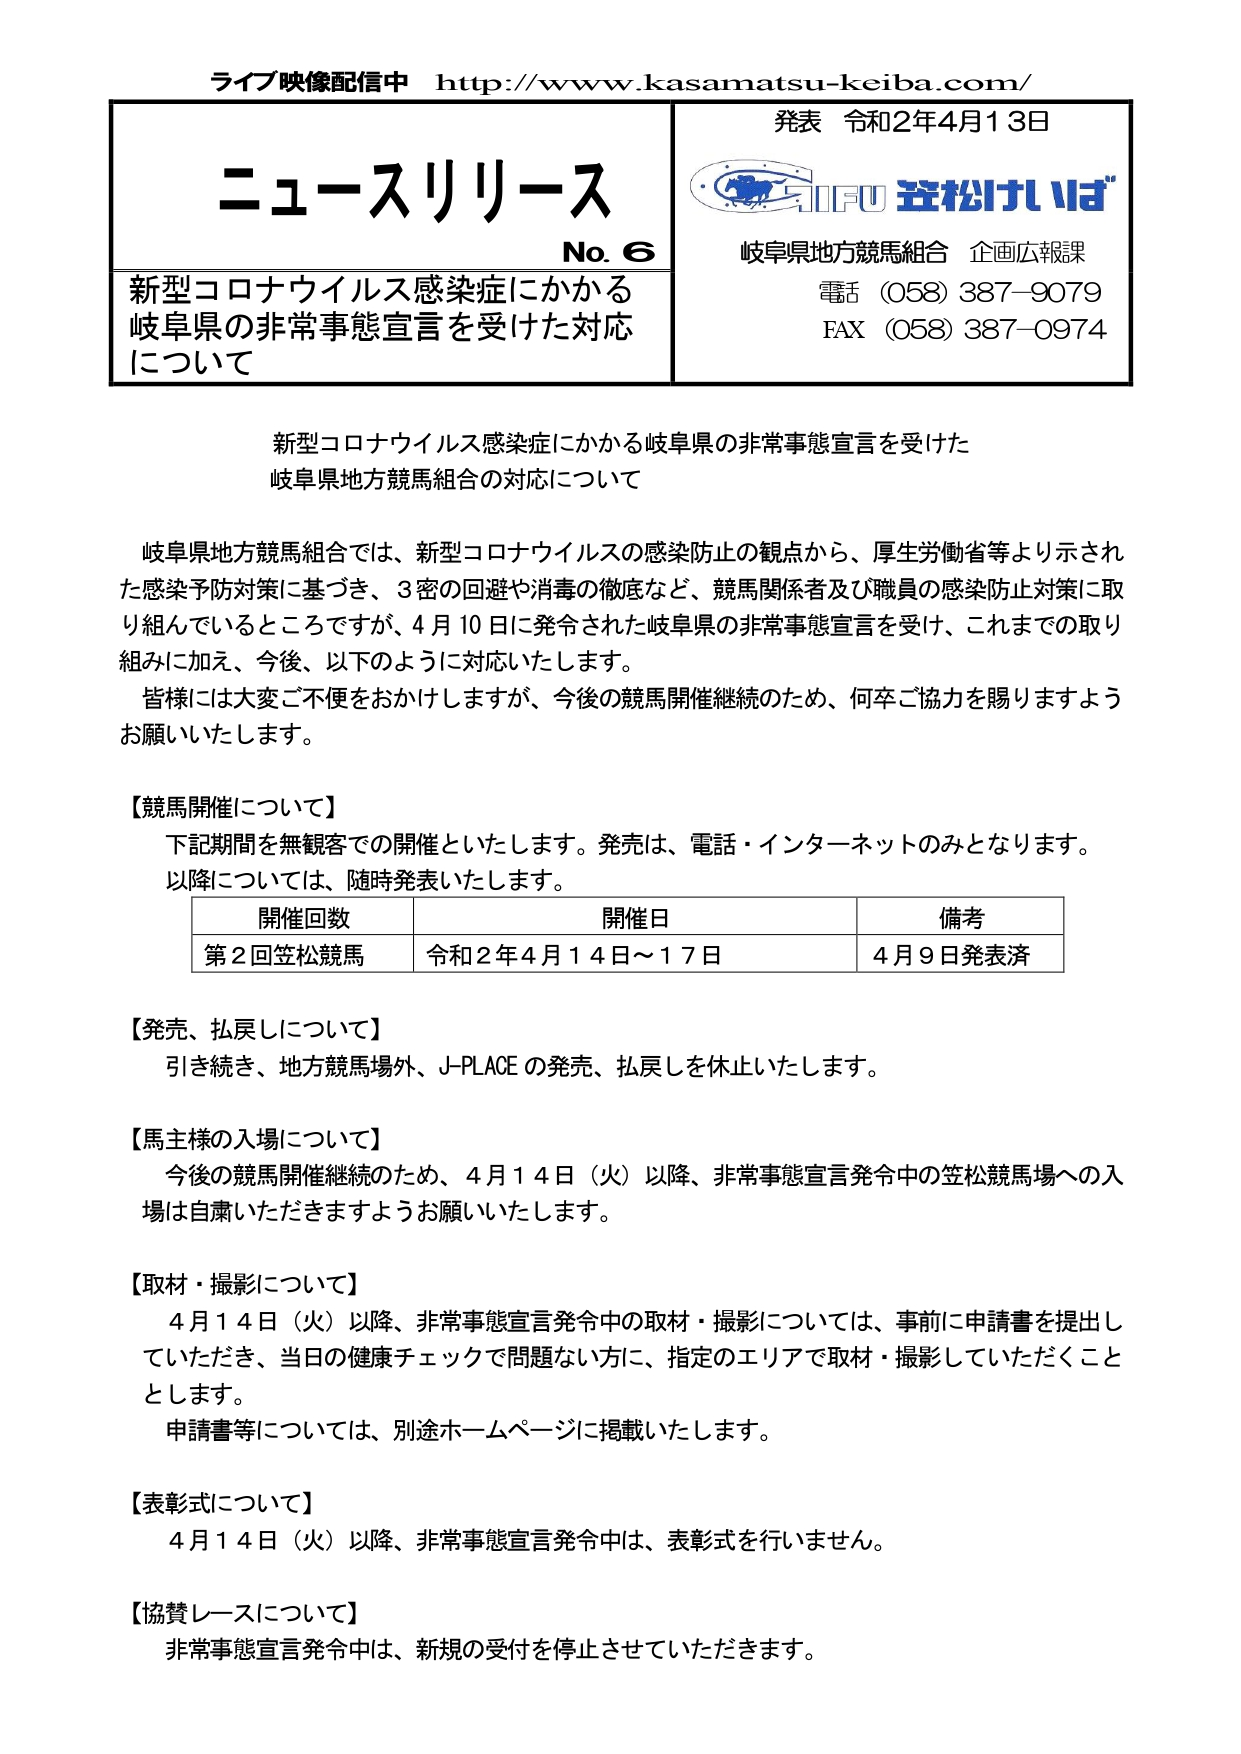 新型コロナウイルス感染症にかかる岐阜県の非常事態宣言を受けた対応 ...